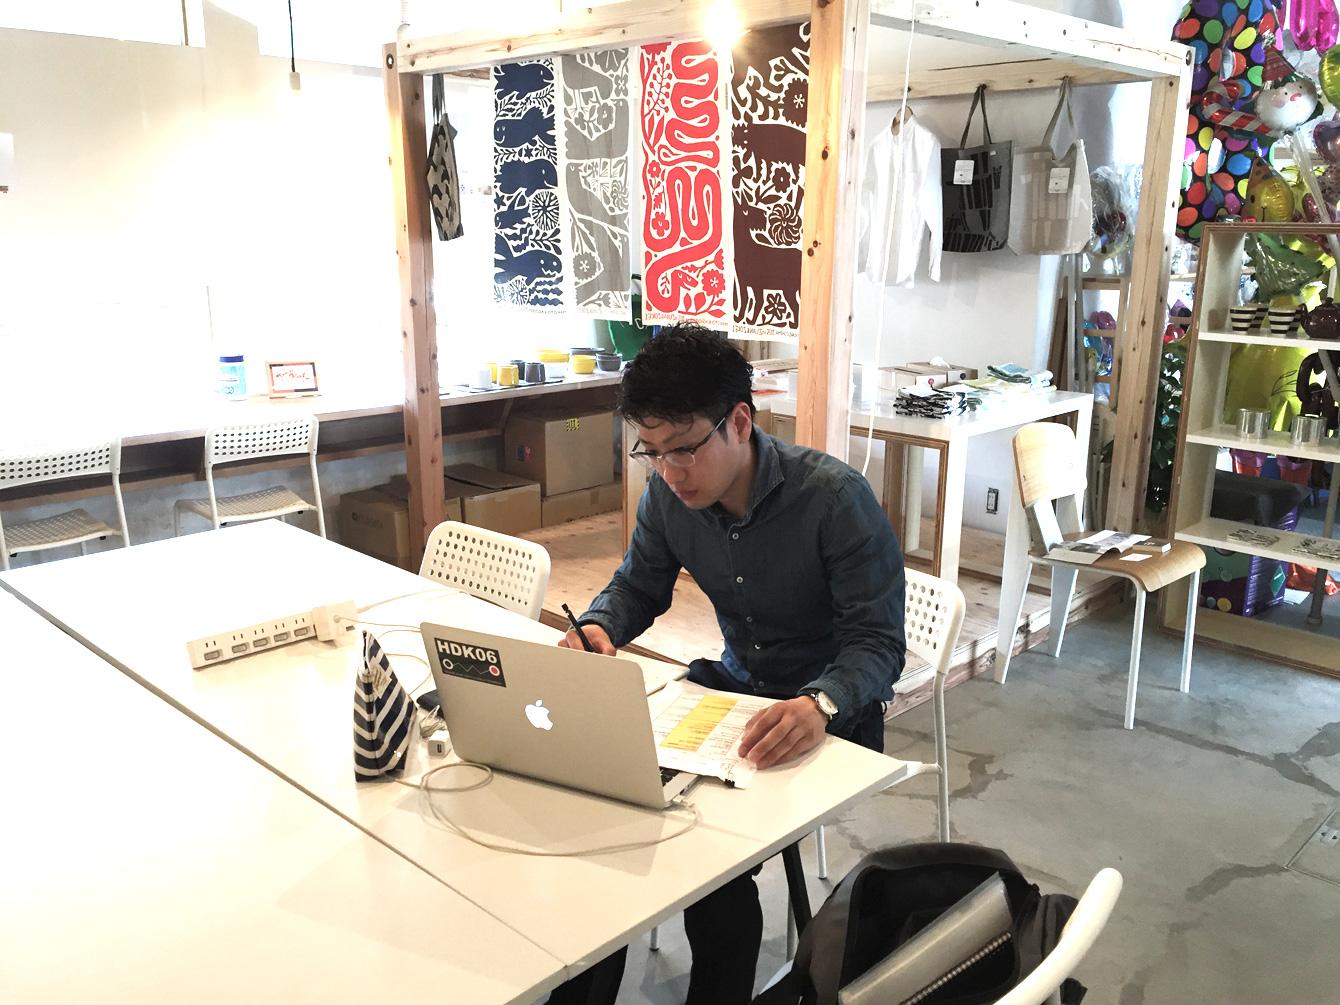 この日は、「神山塾」を日本仕事百貨に掲載する内容を考える。